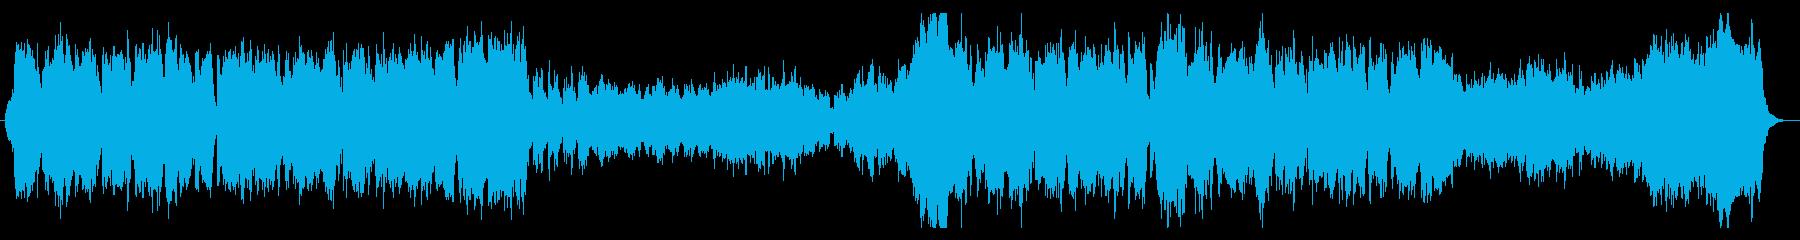 物語の始まりを感じるRPG風オーケストラの再生済みの波形